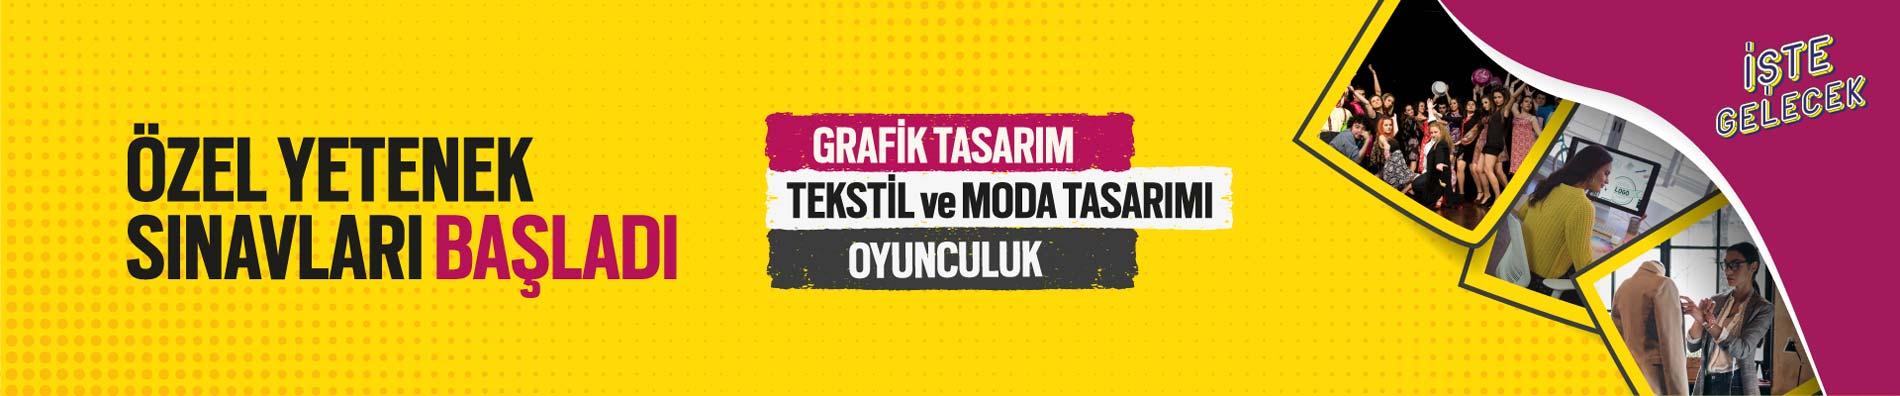 ozel-yetenek-banner